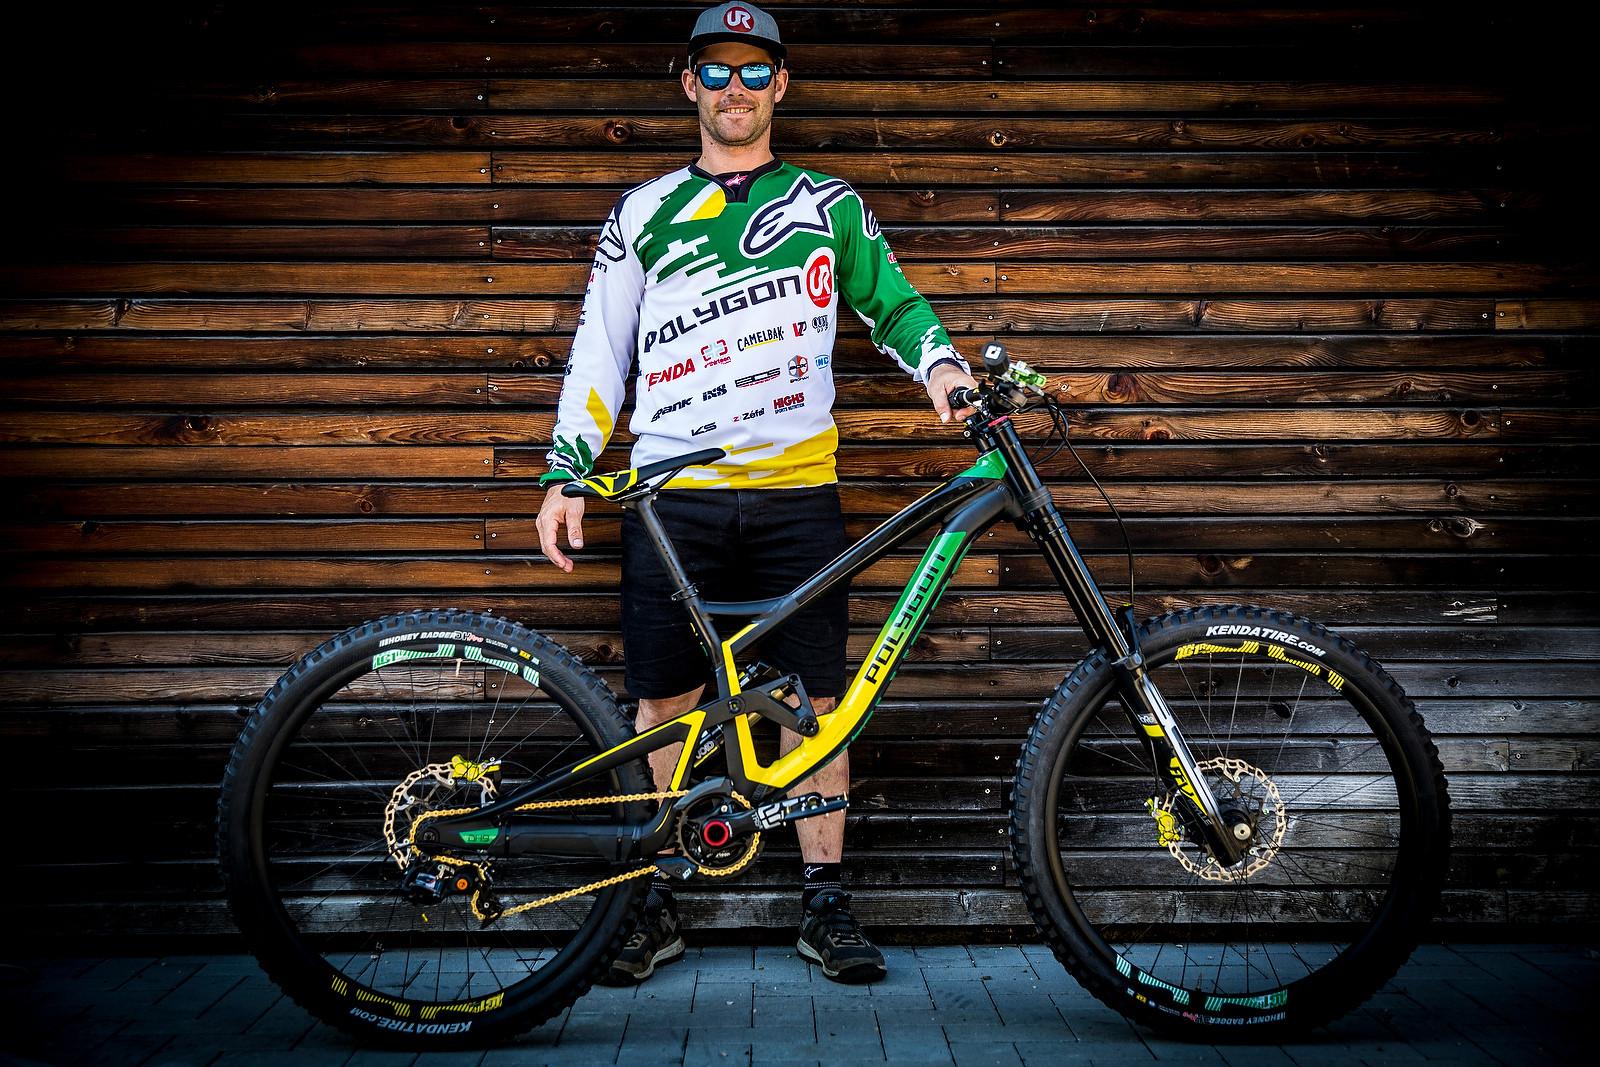 Mick Hannah's Polygon DH | 2016 World Champs Bike - PIT BITS & BIKES - 2016 World Champs - Mountain Biking Pictures - Vital MTB